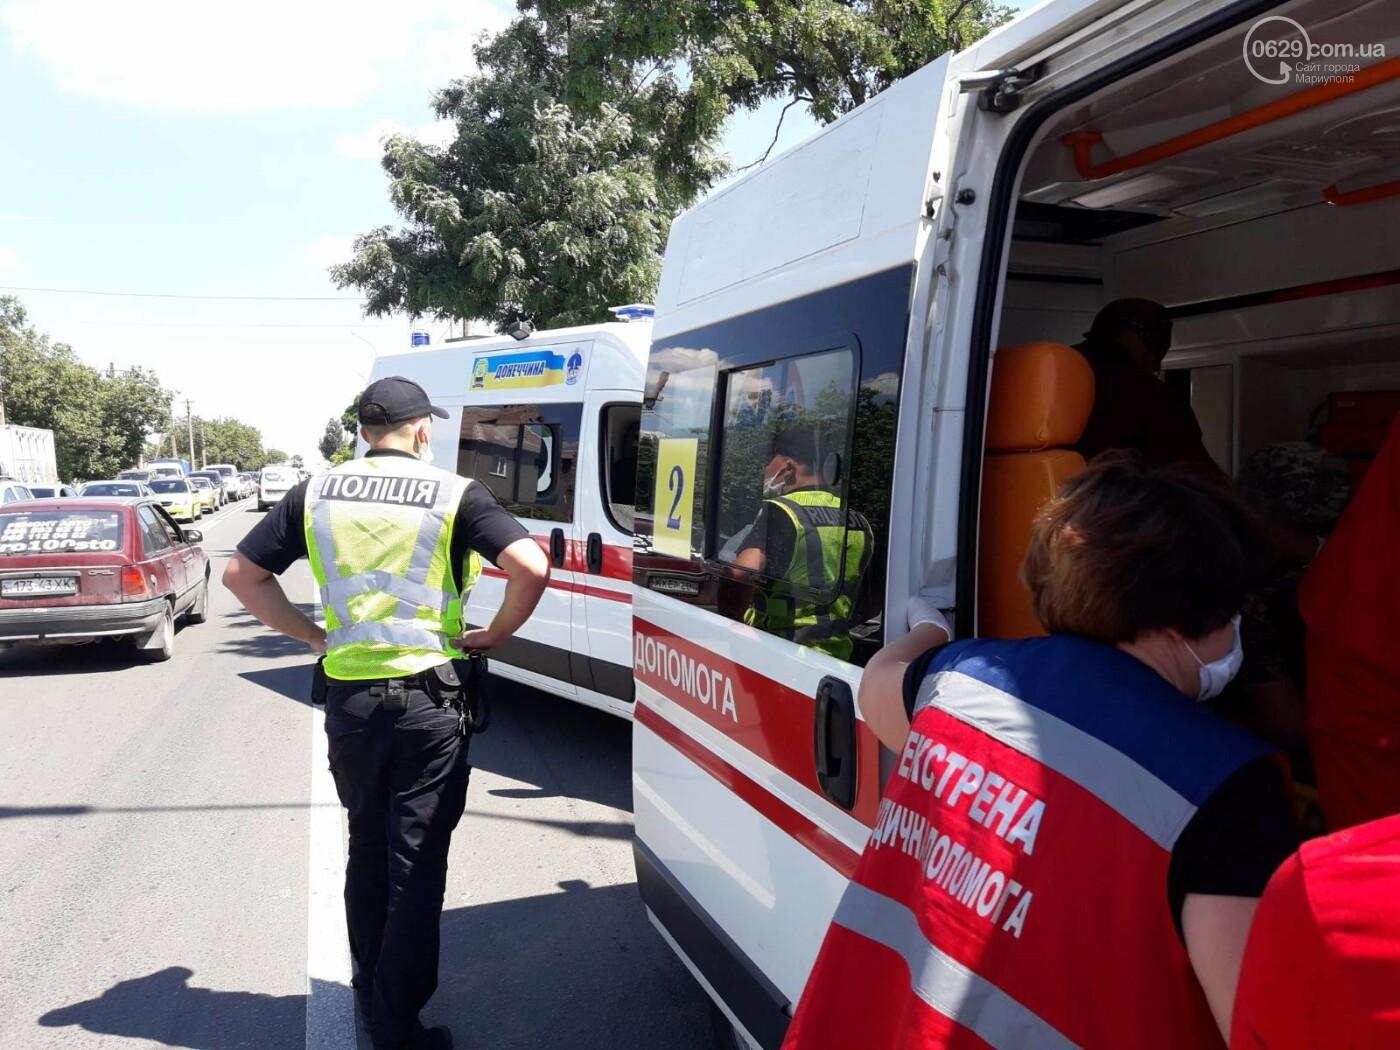 Снова ДТП! В Мариуполе на опасном перекрестке столкнулись Nissan и Mercedes. Пострадала девушка-водитель, - ФОТО, ВИДЕО, фото-10